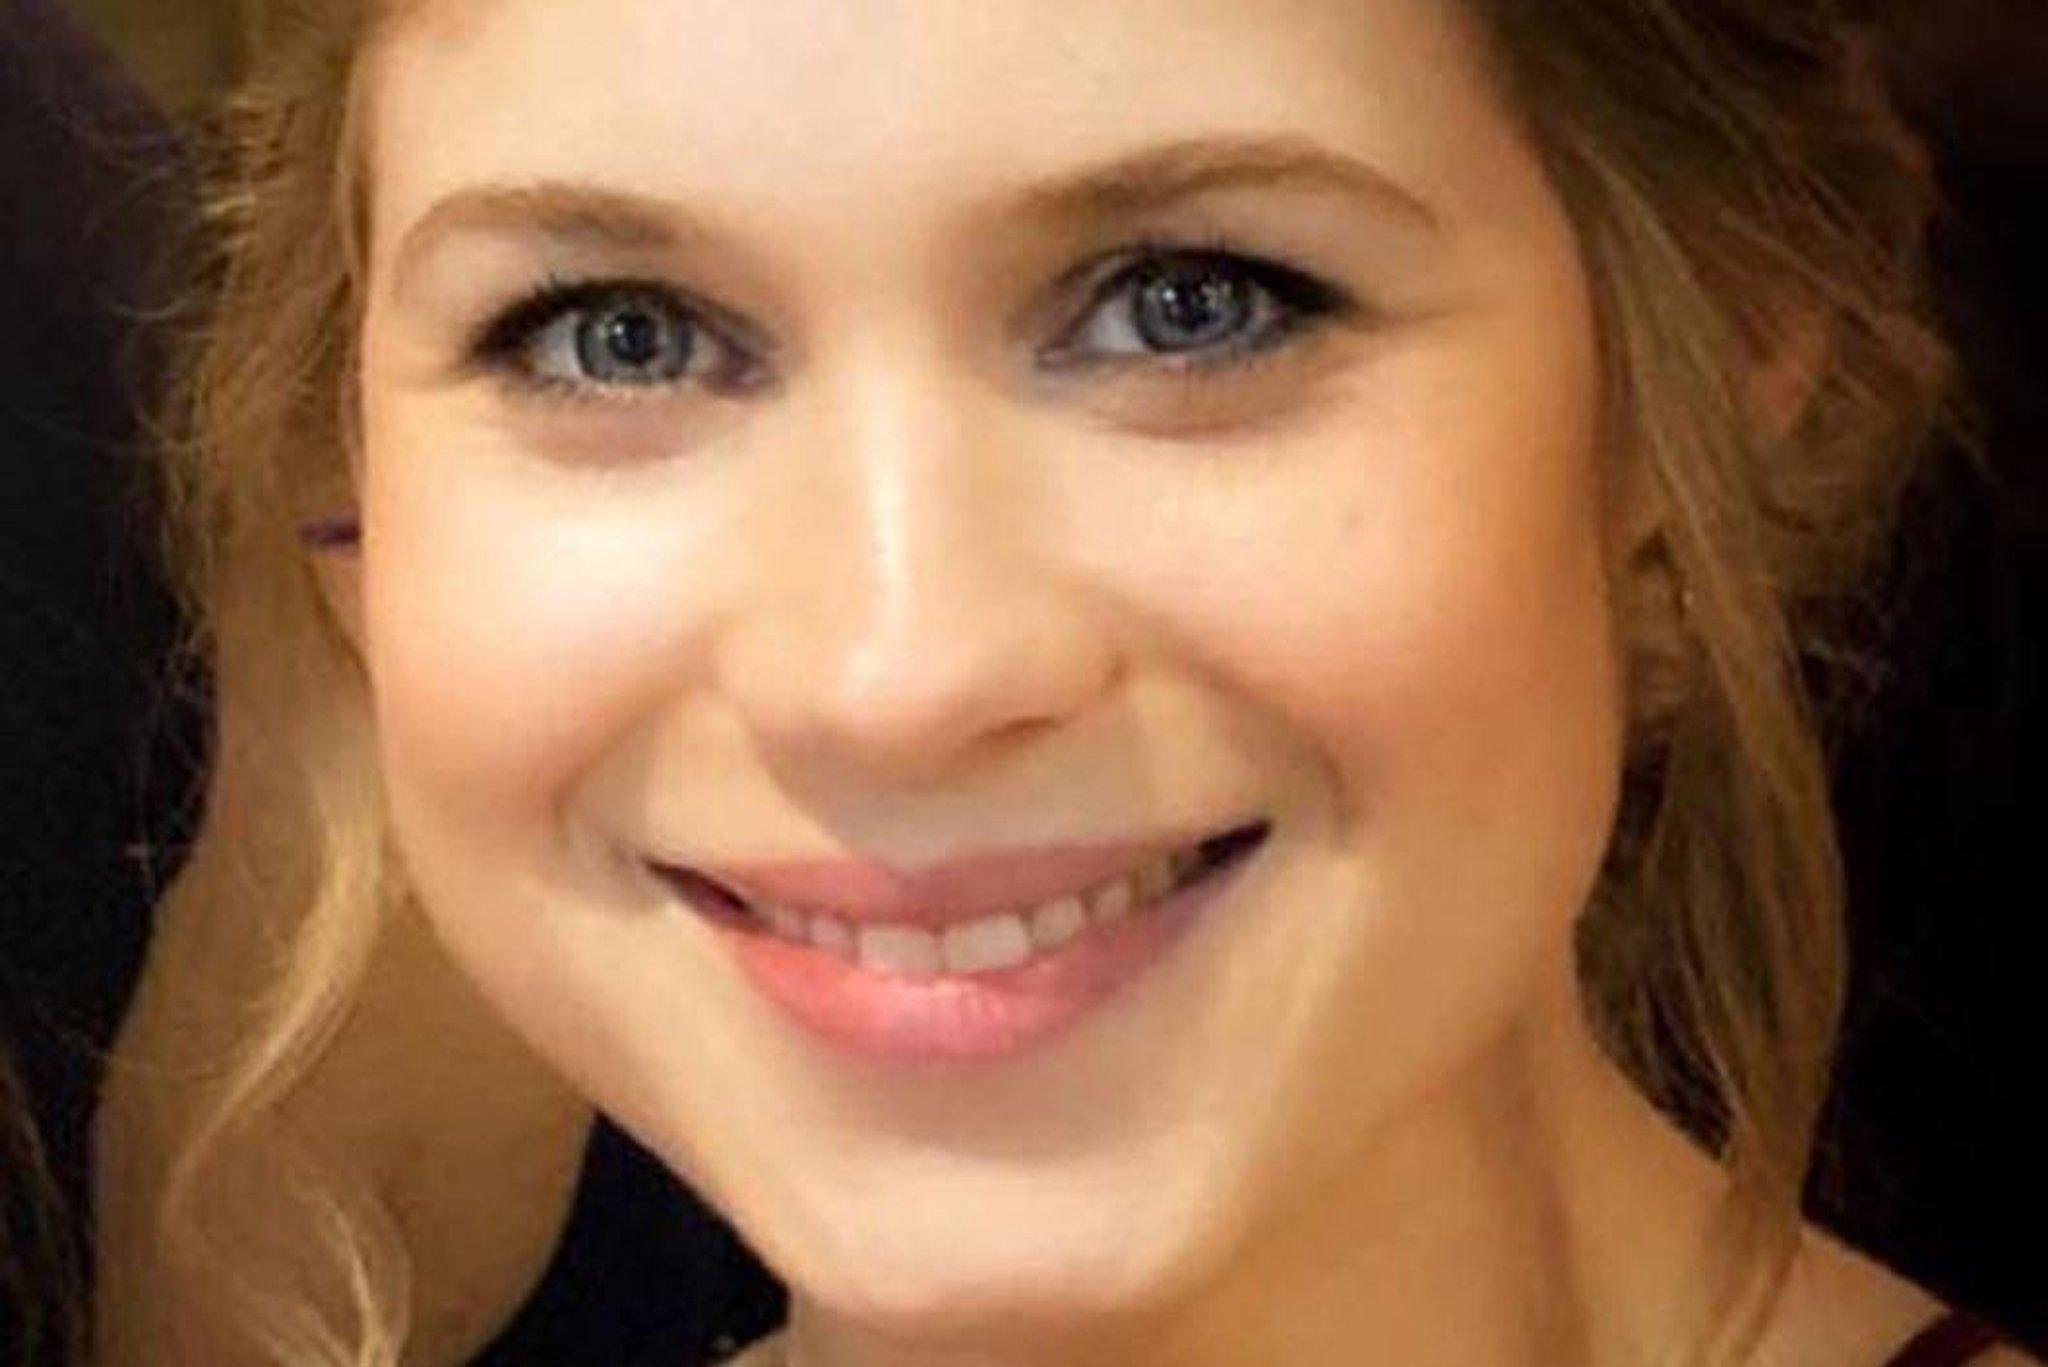 Sarah Everard: Mantan petugas polisi Met tertarik pada pornografi seksual yang brutal, pengadilan telah mendengar